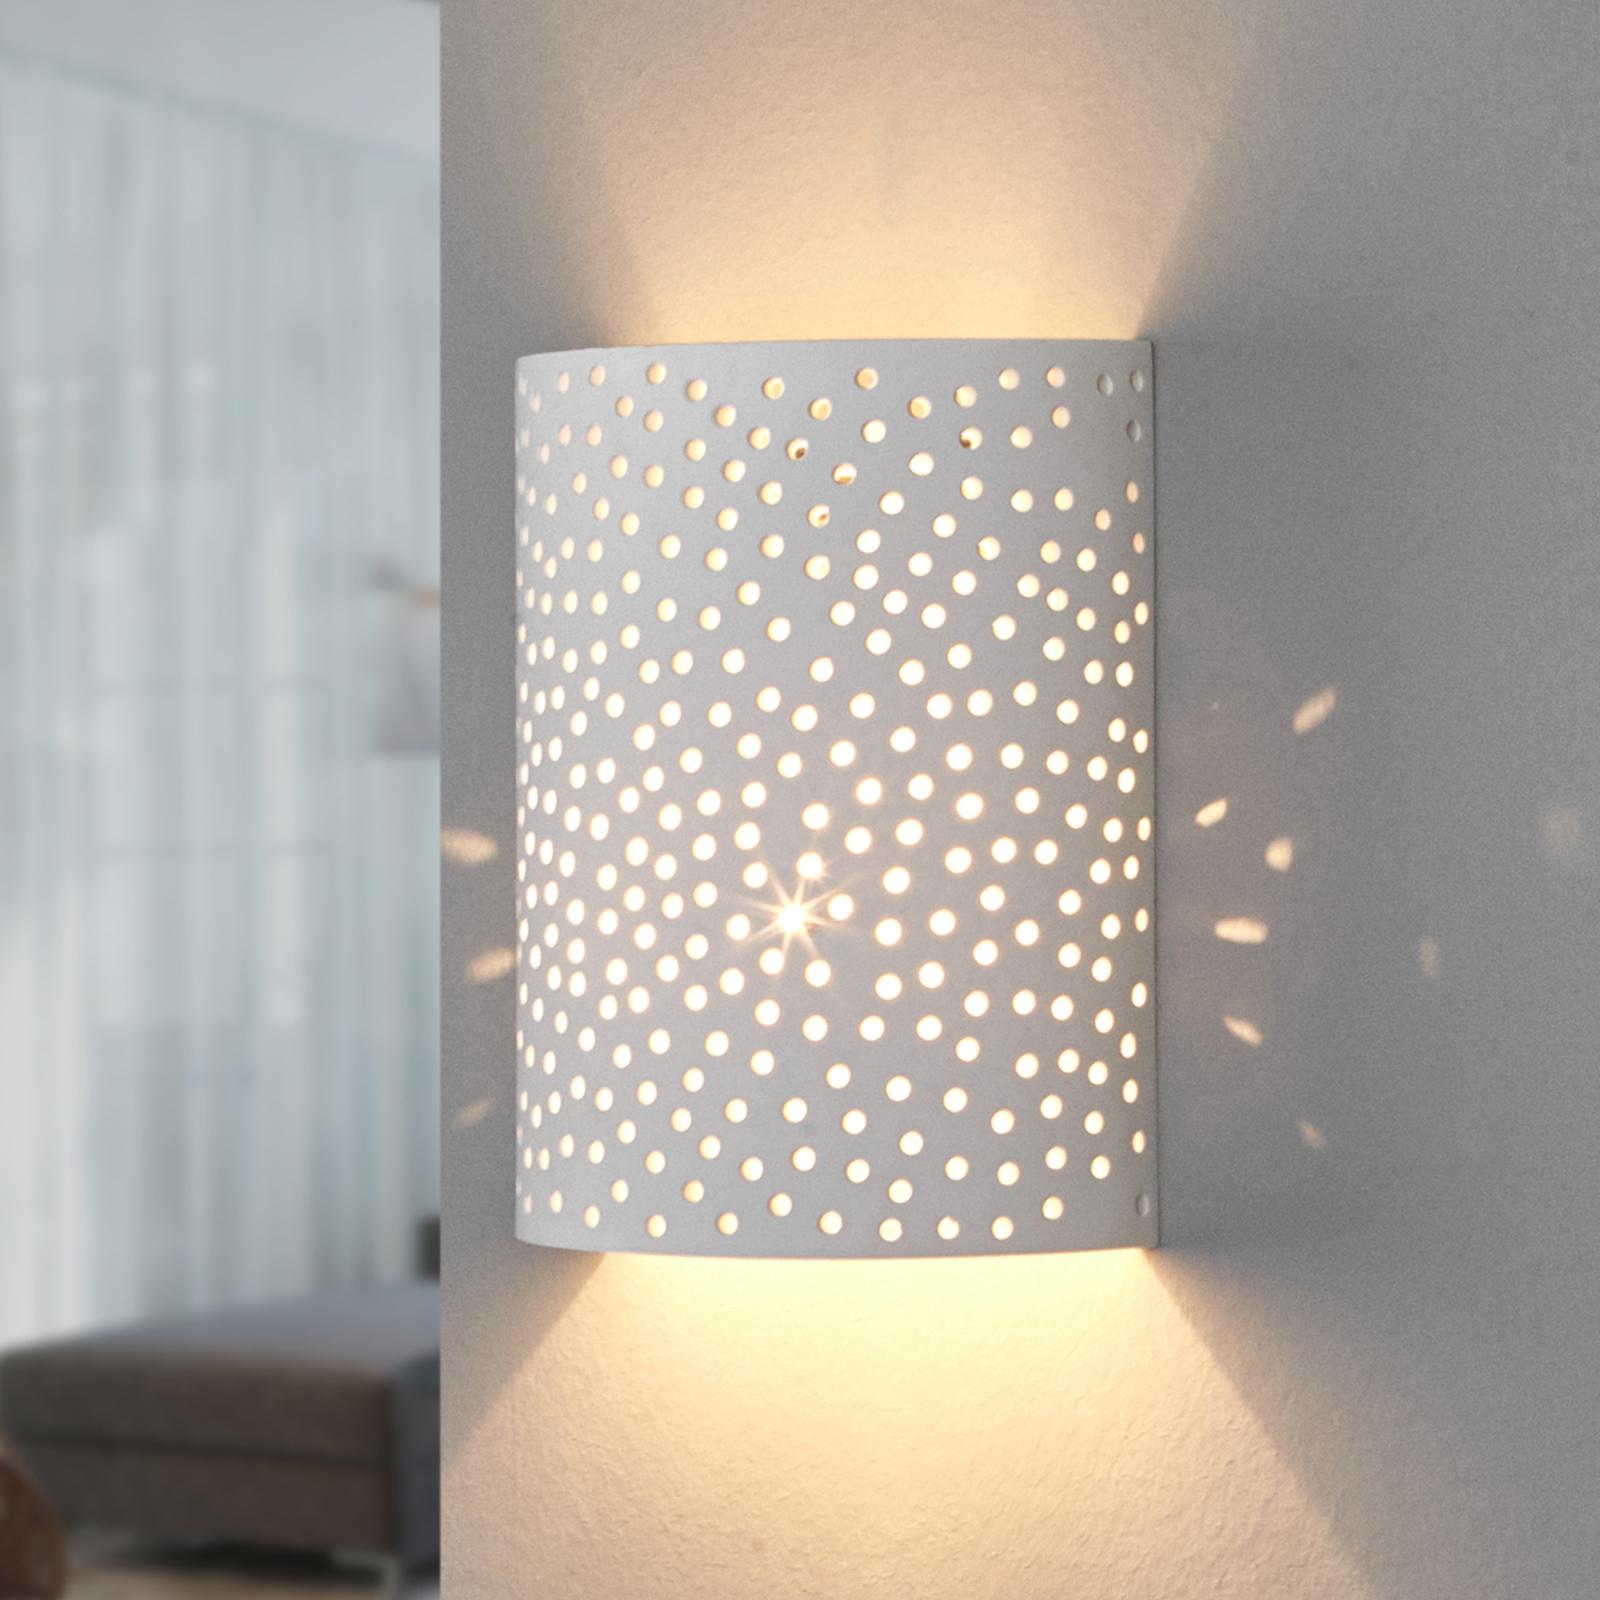 Jiru - wandlamp uit gips met mooi gatpatroon